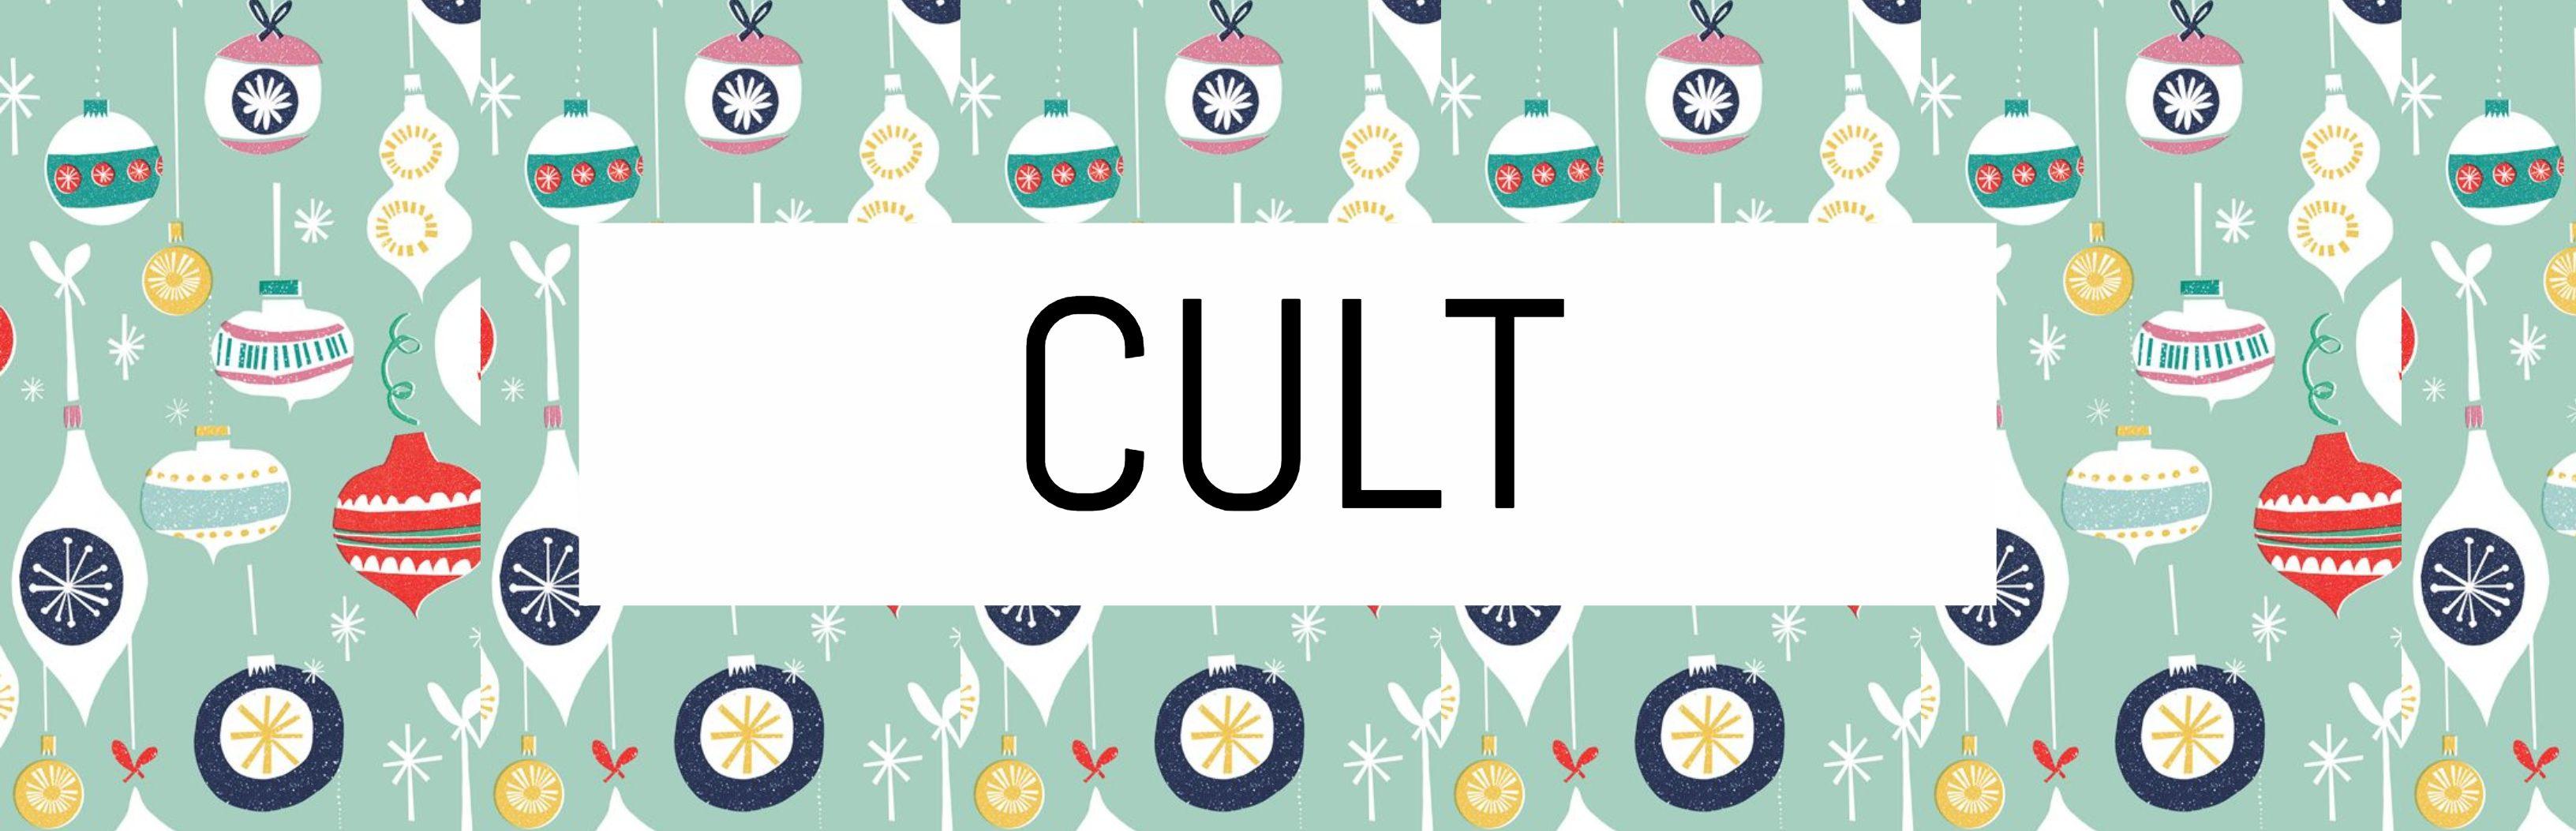 15 ideias de presentes para o Natal: dê pedras e cristais cult